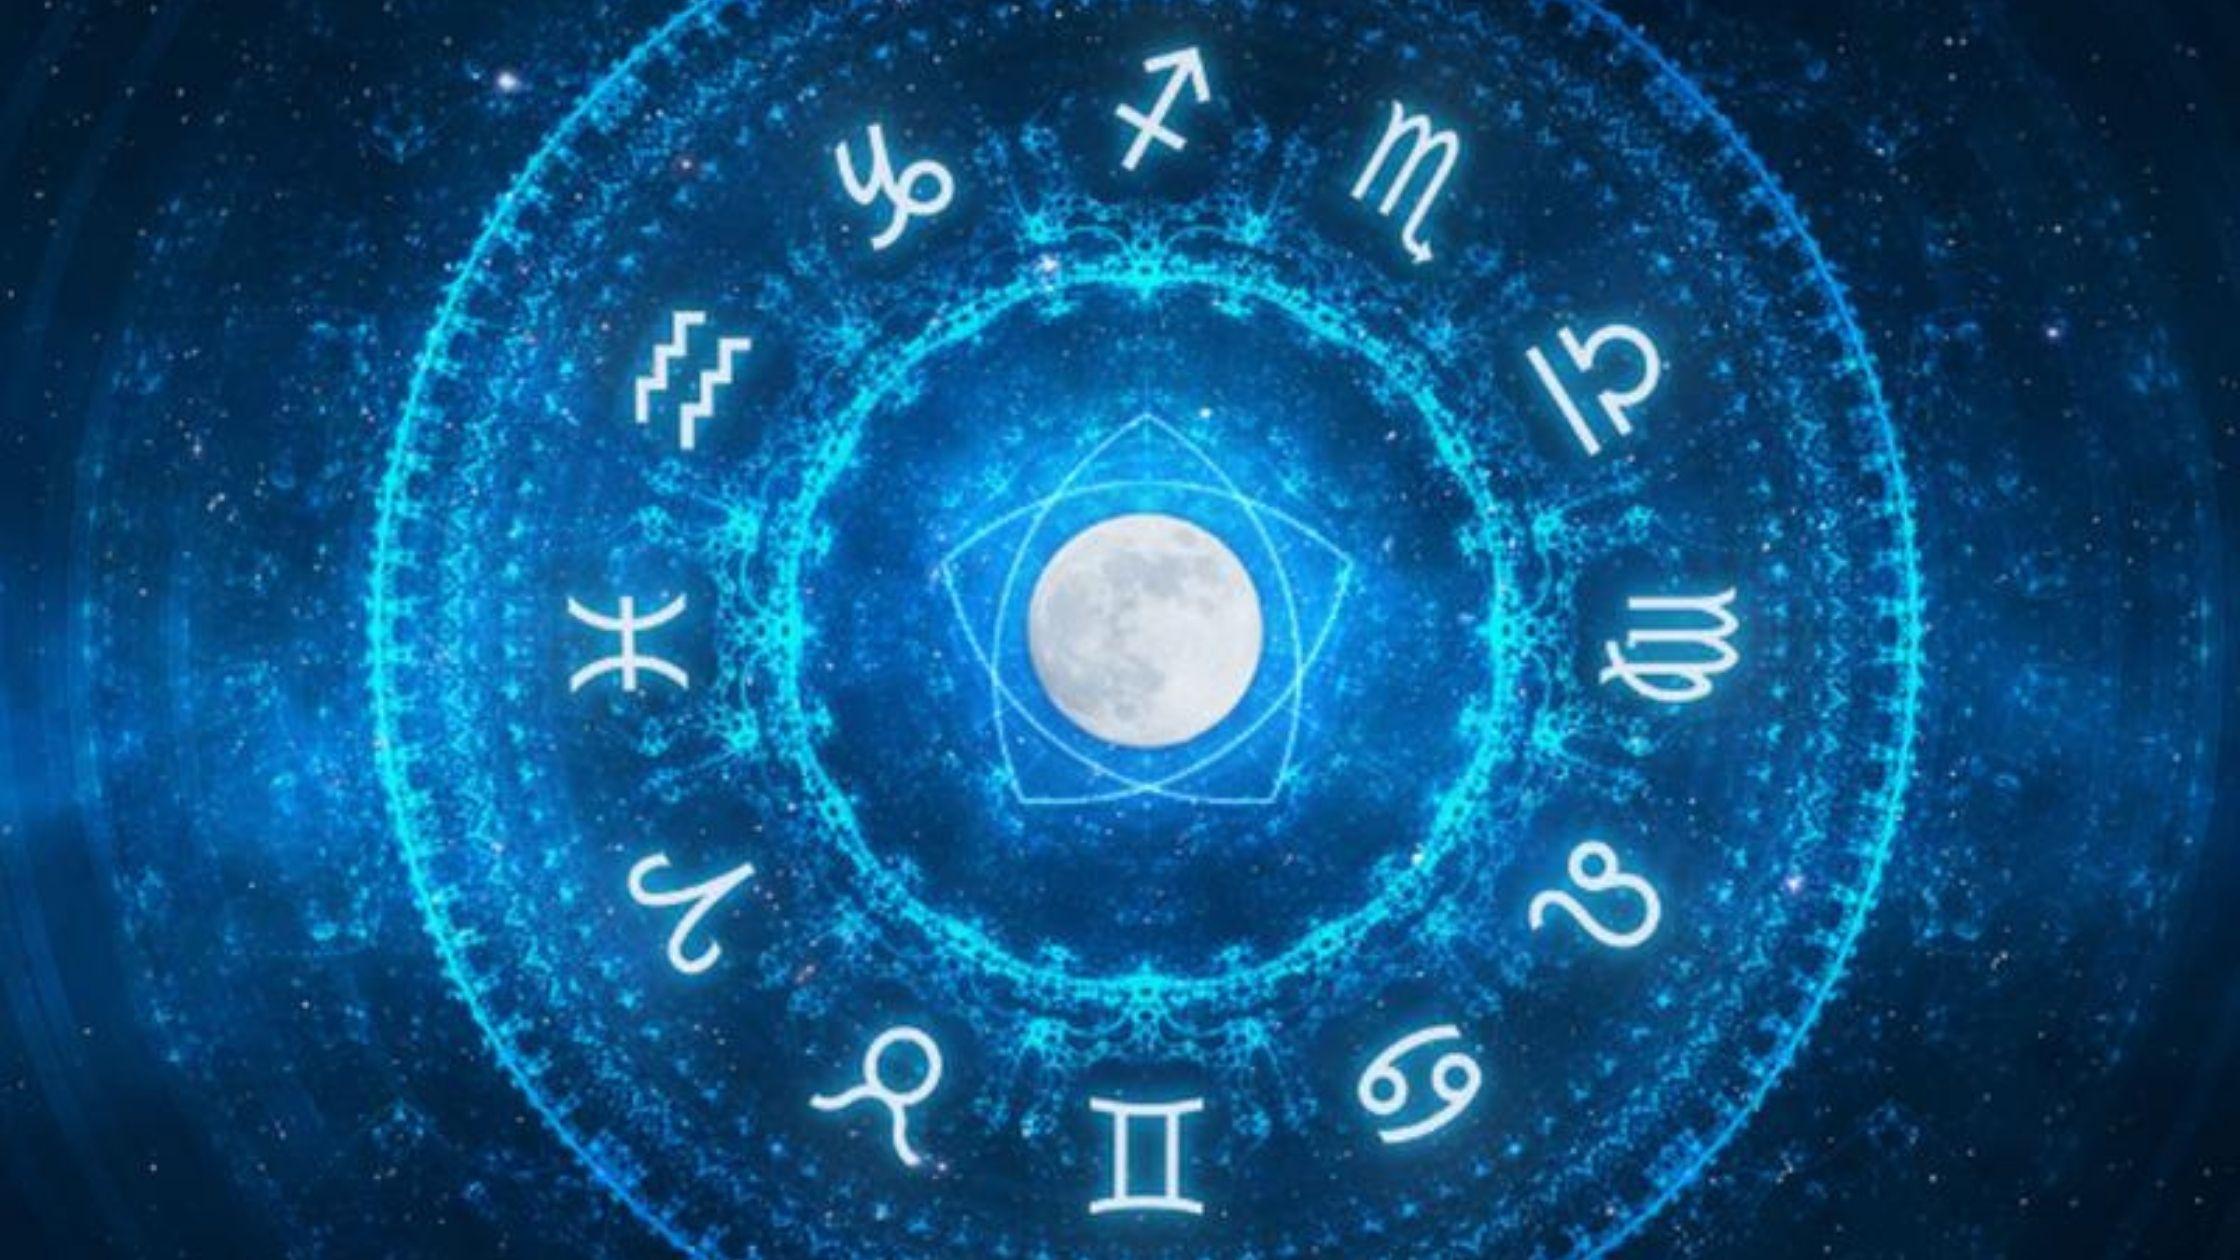 Today Horoscope 06-04-21 Daily Horoscope